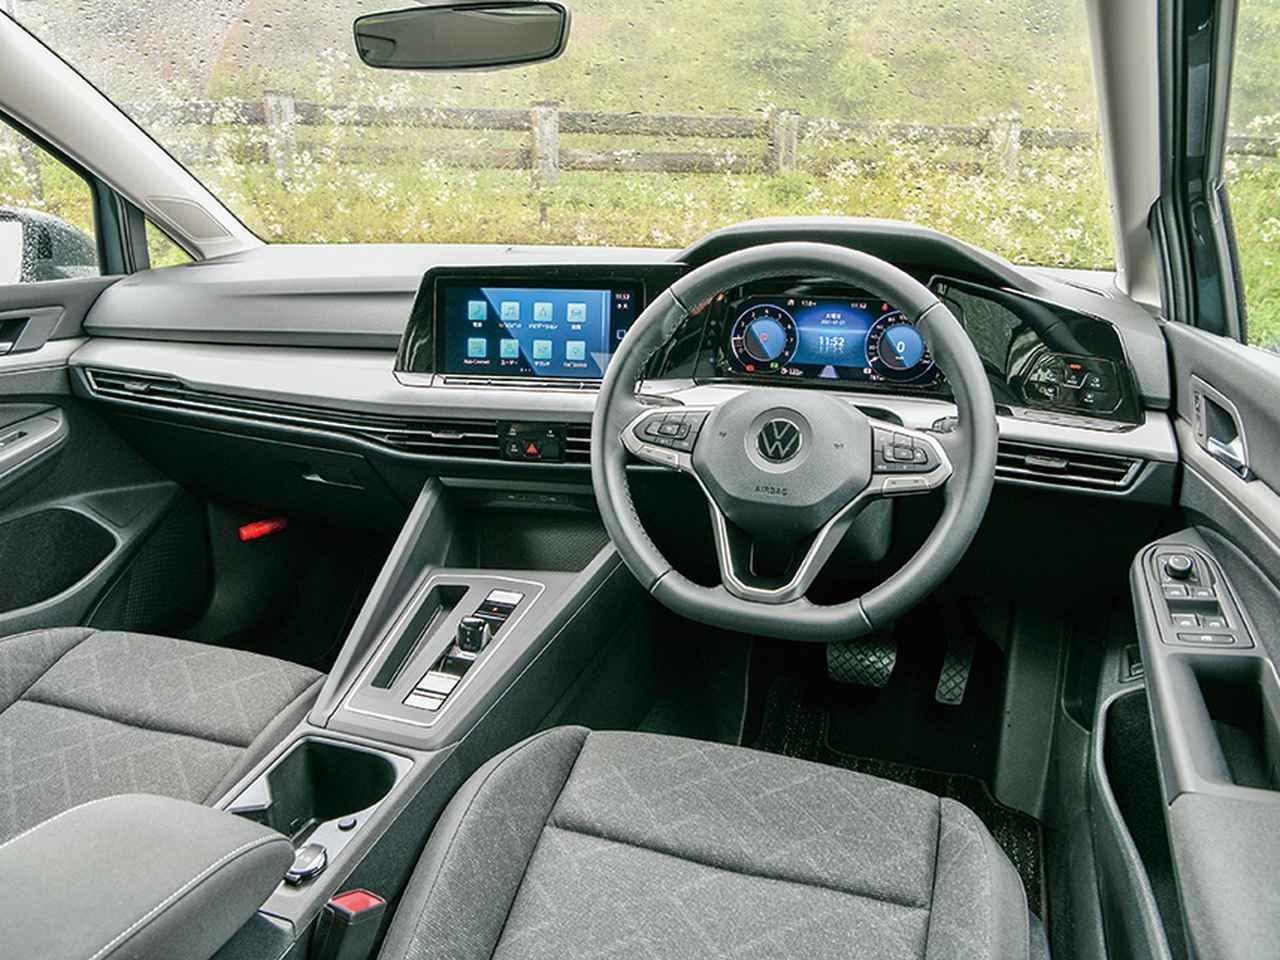 画像: 10.25インチ液晶ディスプレイを全車標準装備してデジタル化。デザインはハッチバックと共通化される。